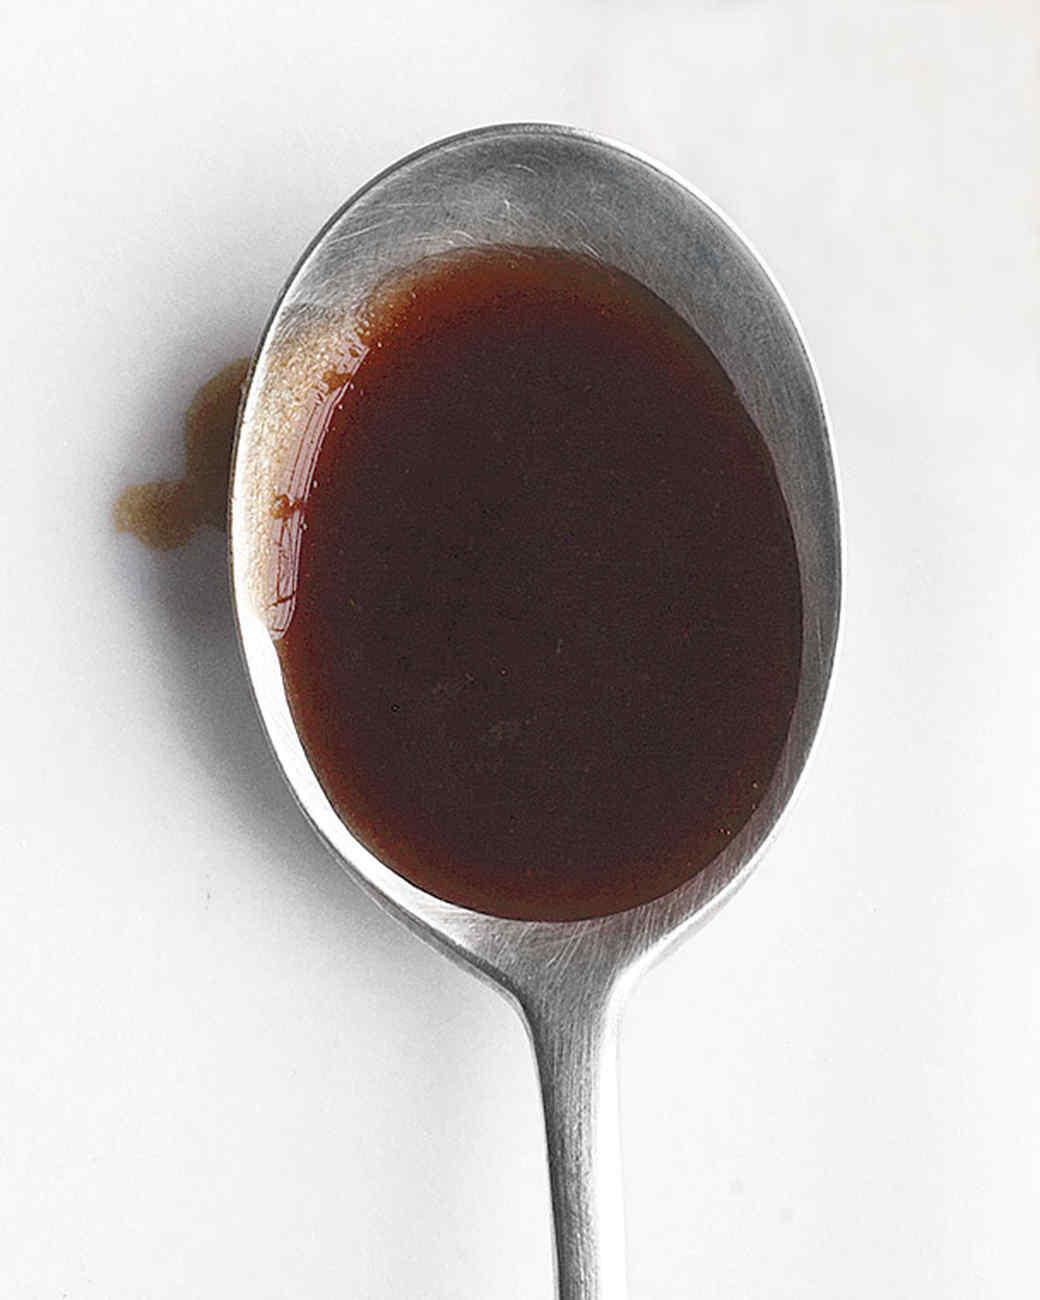 honey-balsamic-vinaigrette-0511med106942.jpg